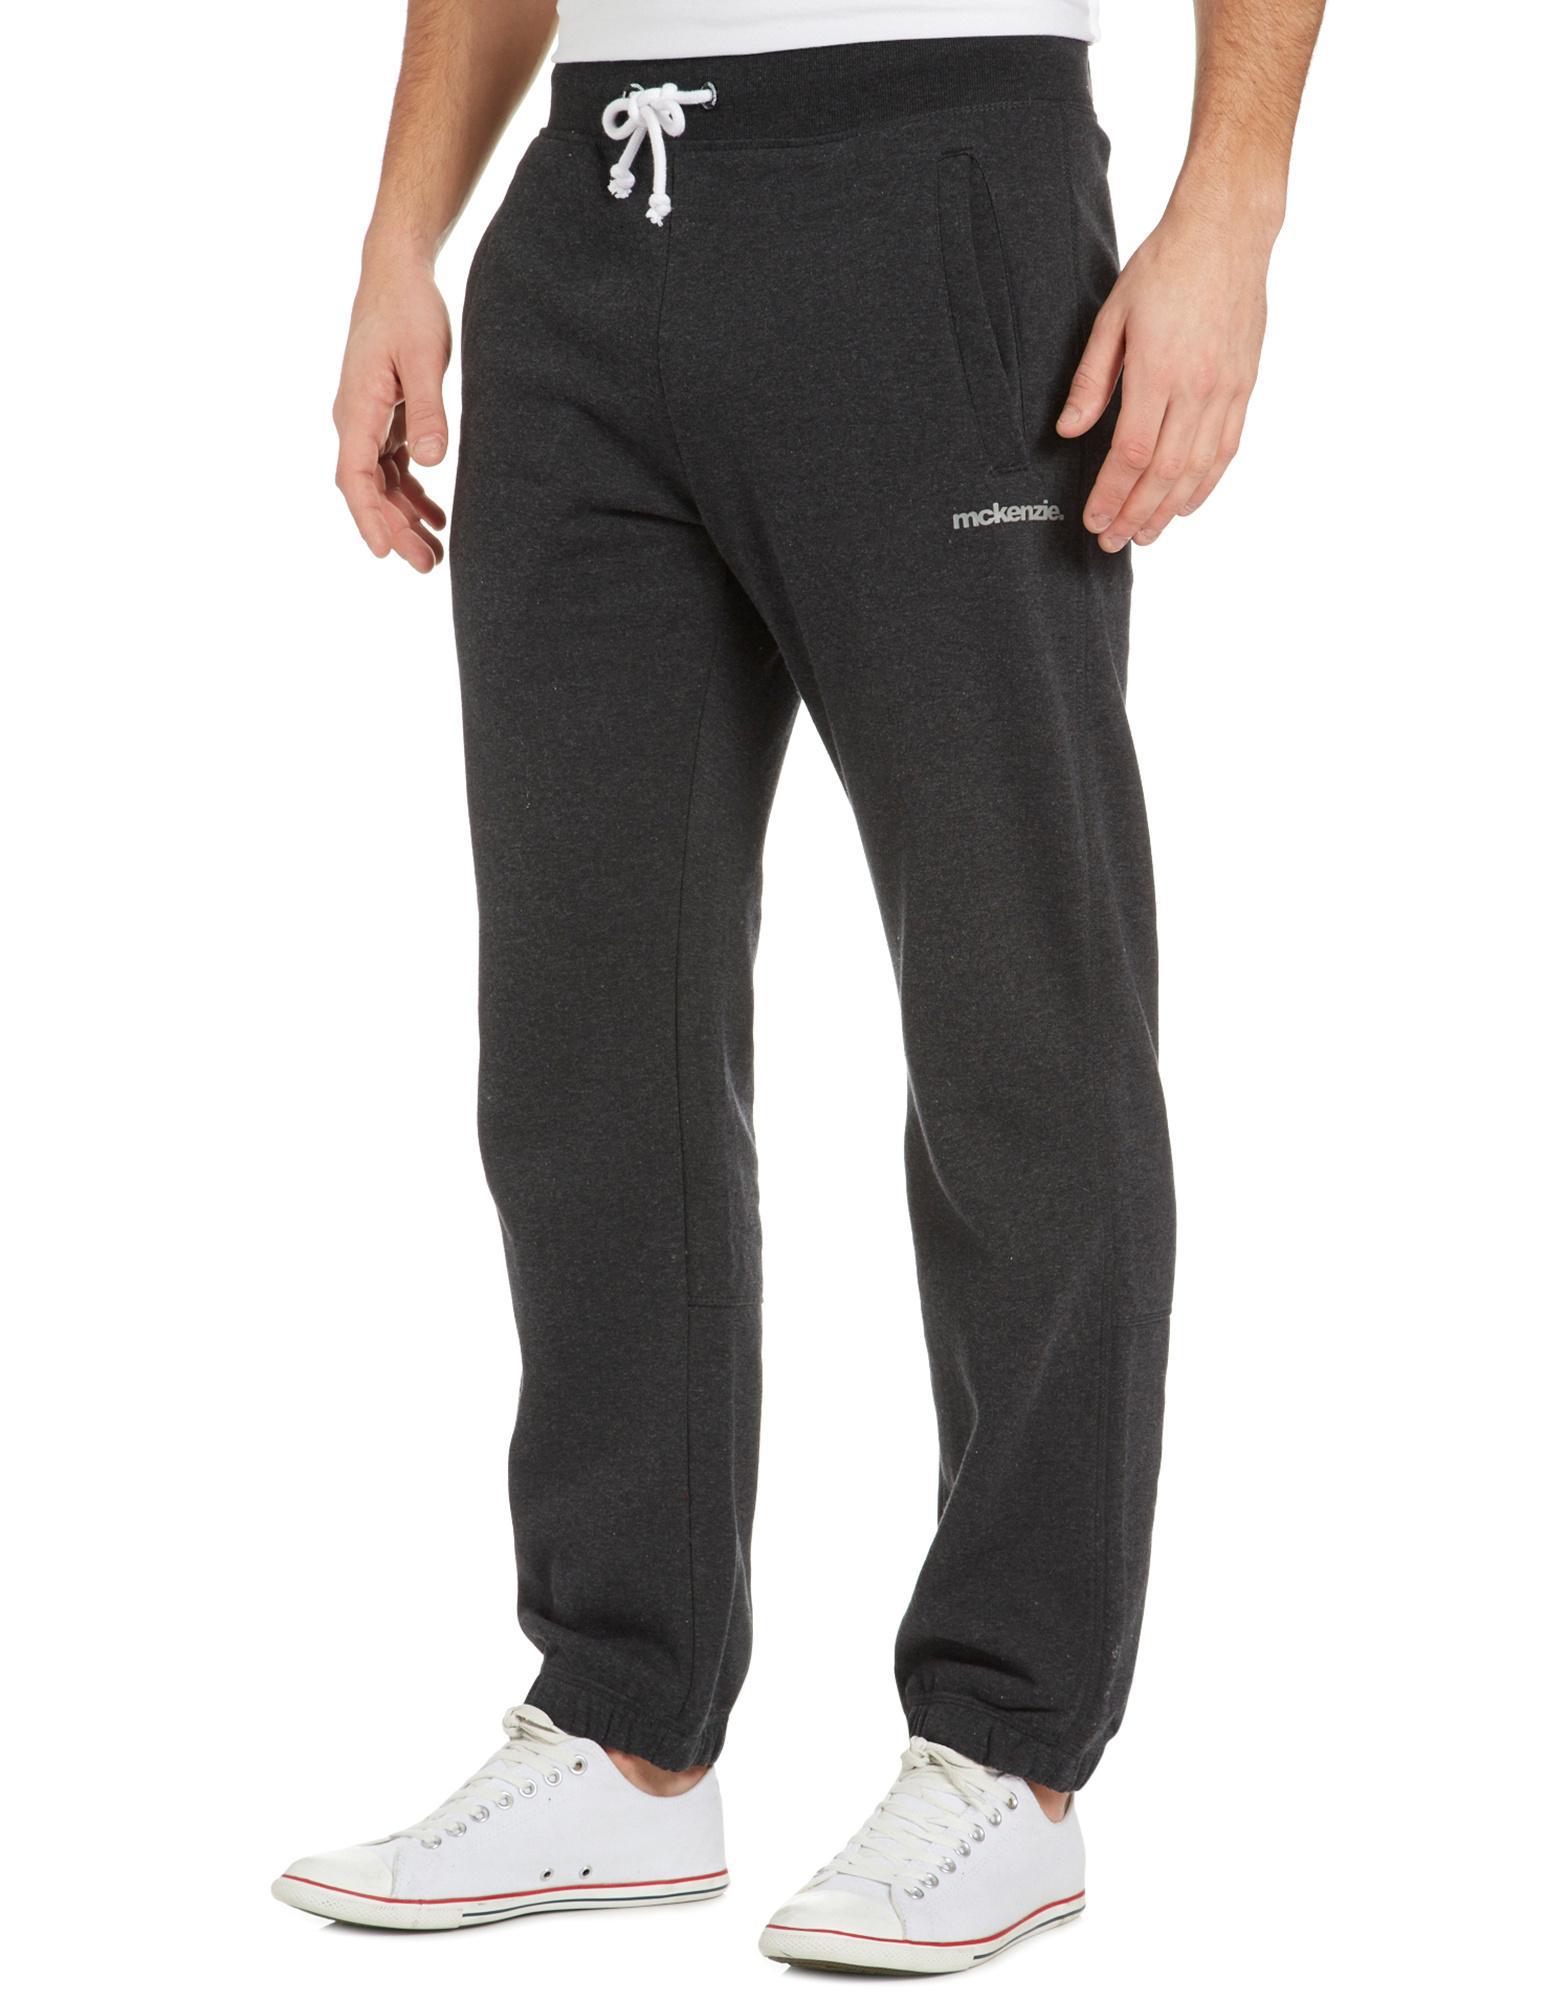 Pantalon de sport McKenzie pour Homme